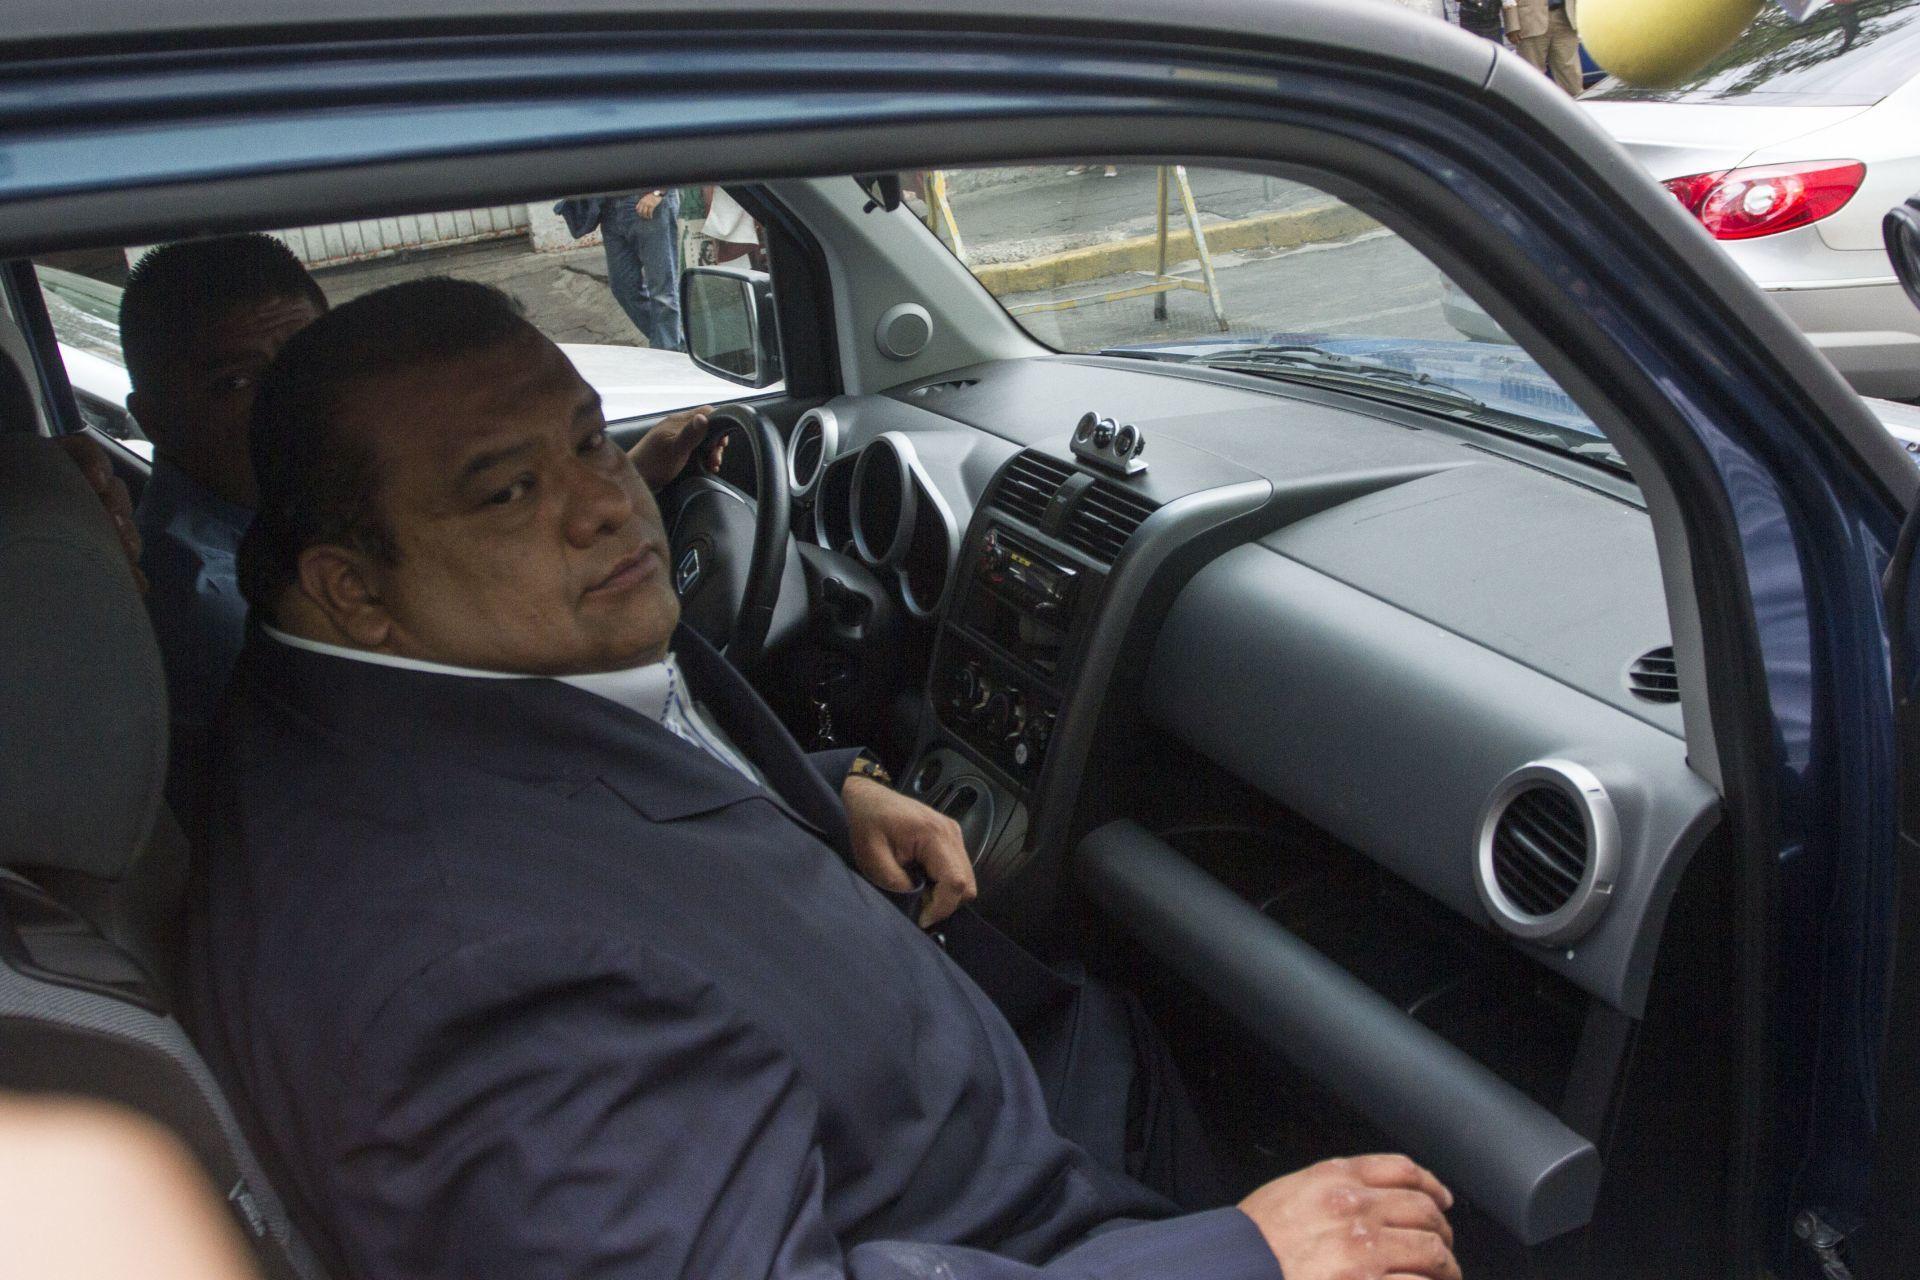 MÉXICO, D.F., 16ABRIL2014.- Cuahtémoc Gutiérrez, ex líder del PRI en el Distrito Federal, acudió a la Procuraduría capitalina para ratificar una denuncia que interpuso en días pasados para que se aclare el caso de una supuesta red de prostitución que operaba el ex asambleísta.